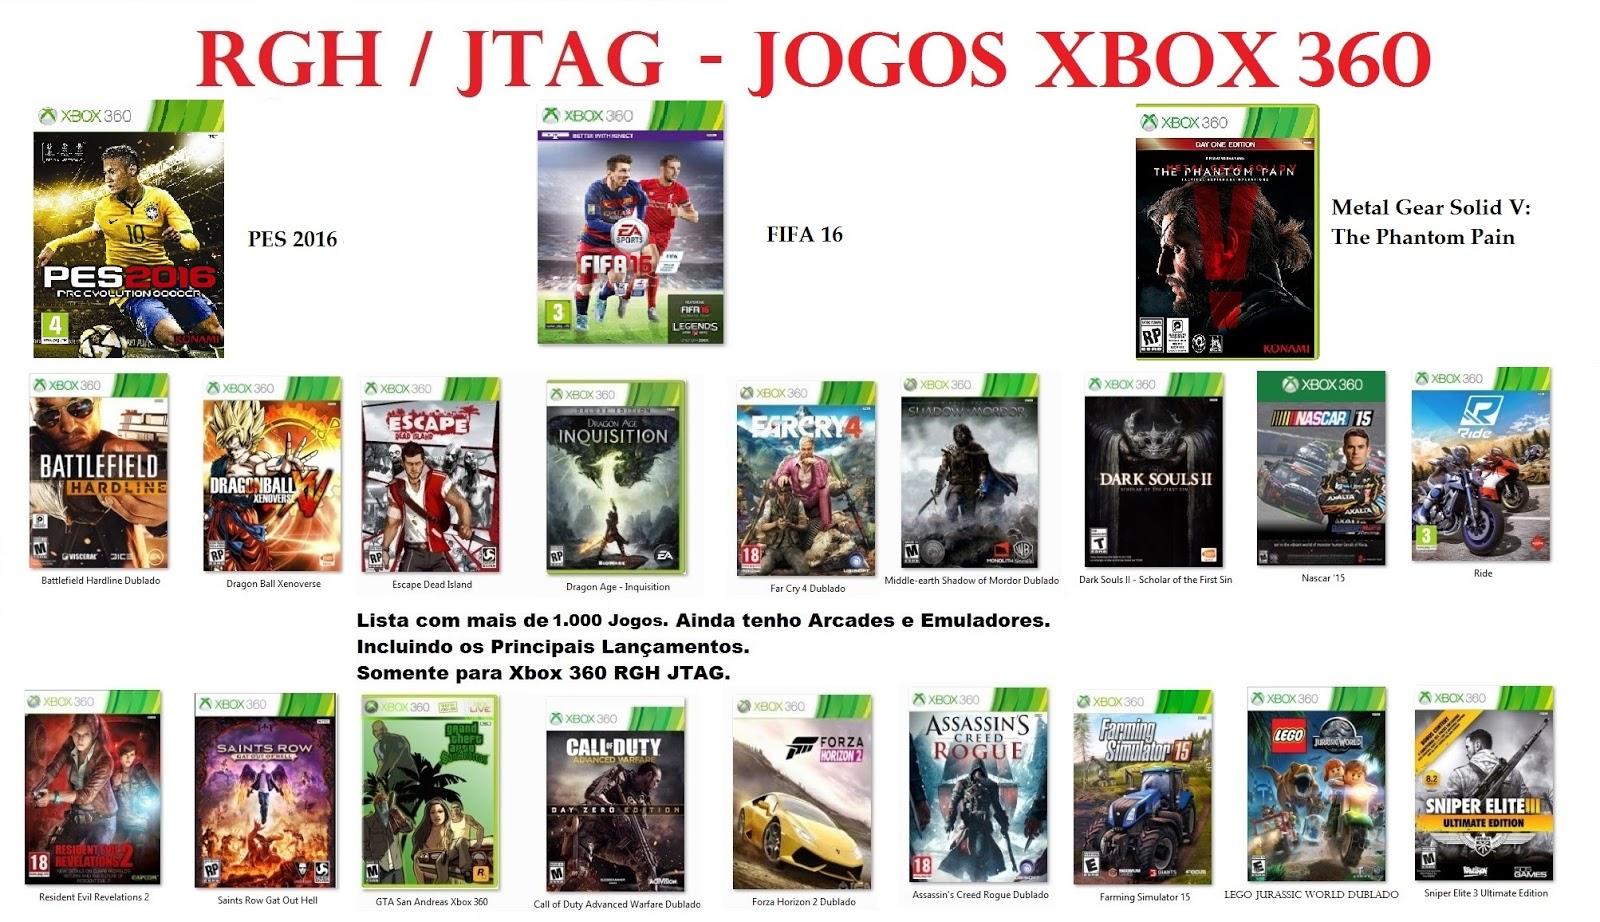 HD PARA XBOX 360 RGH / JTAG: Dica de Jogos infantis